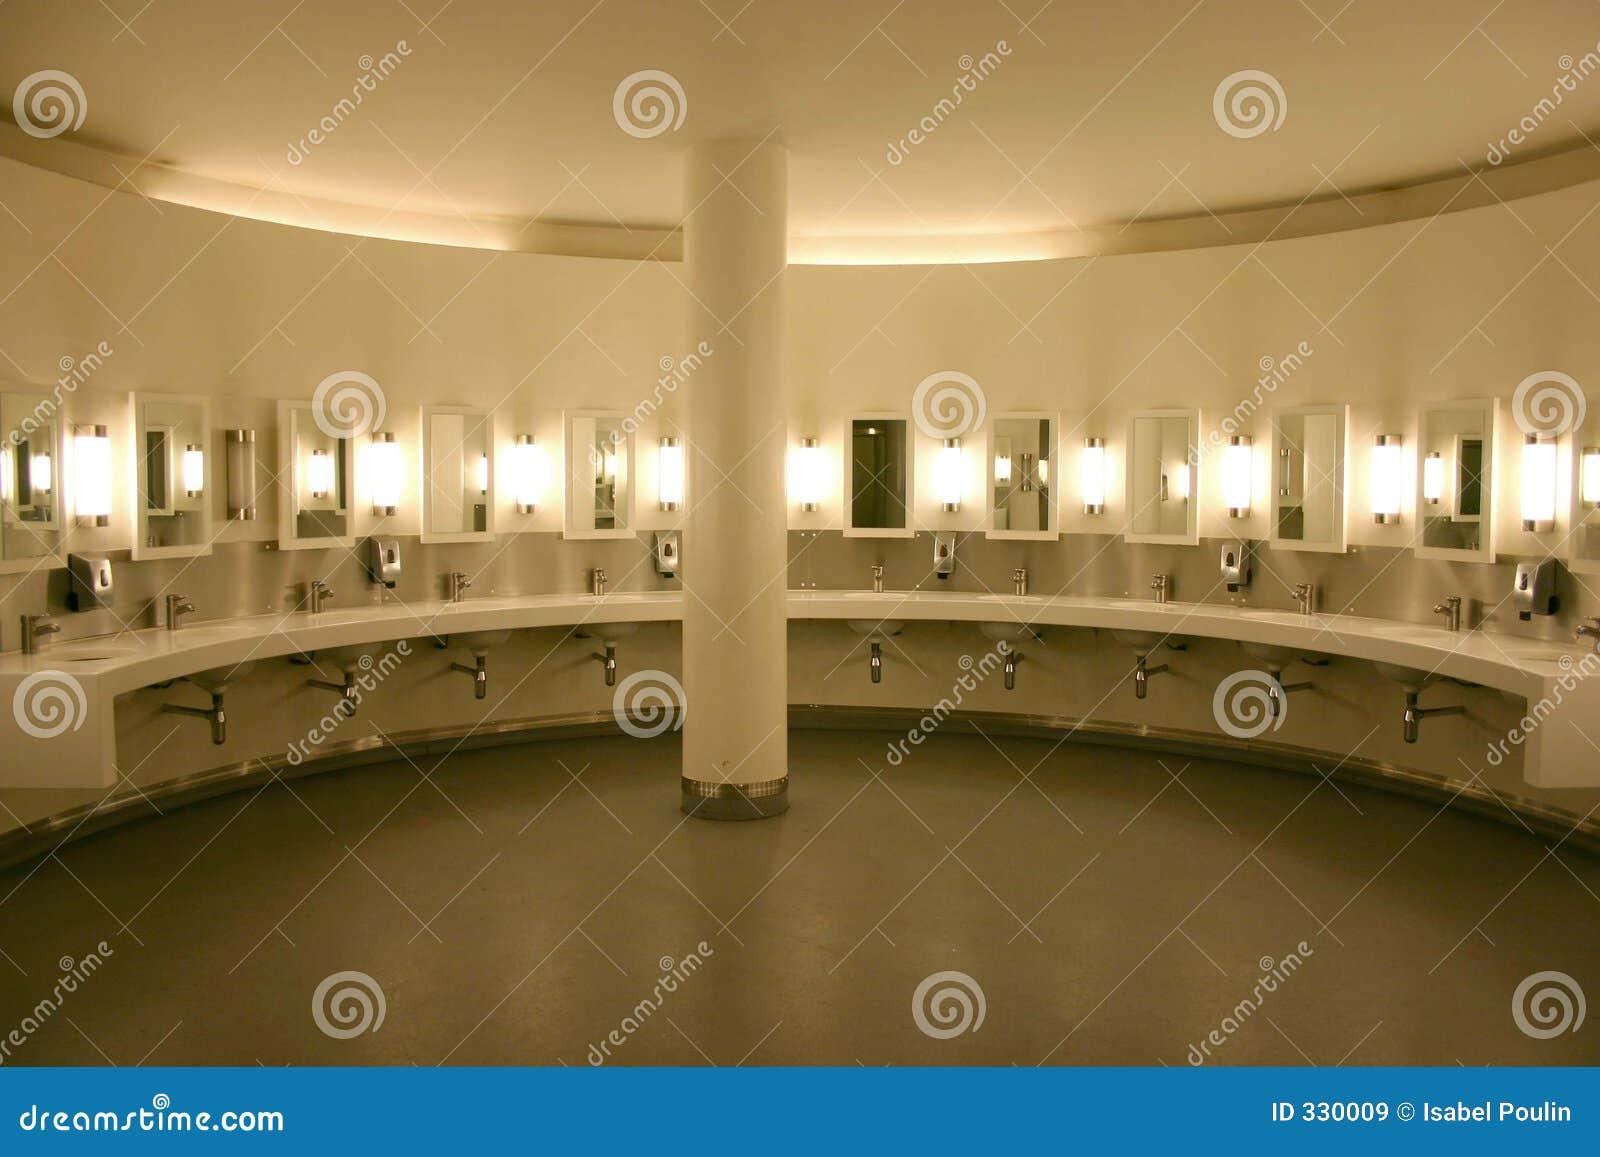 Public Lavatory Stock Image Image Of White Lavatory